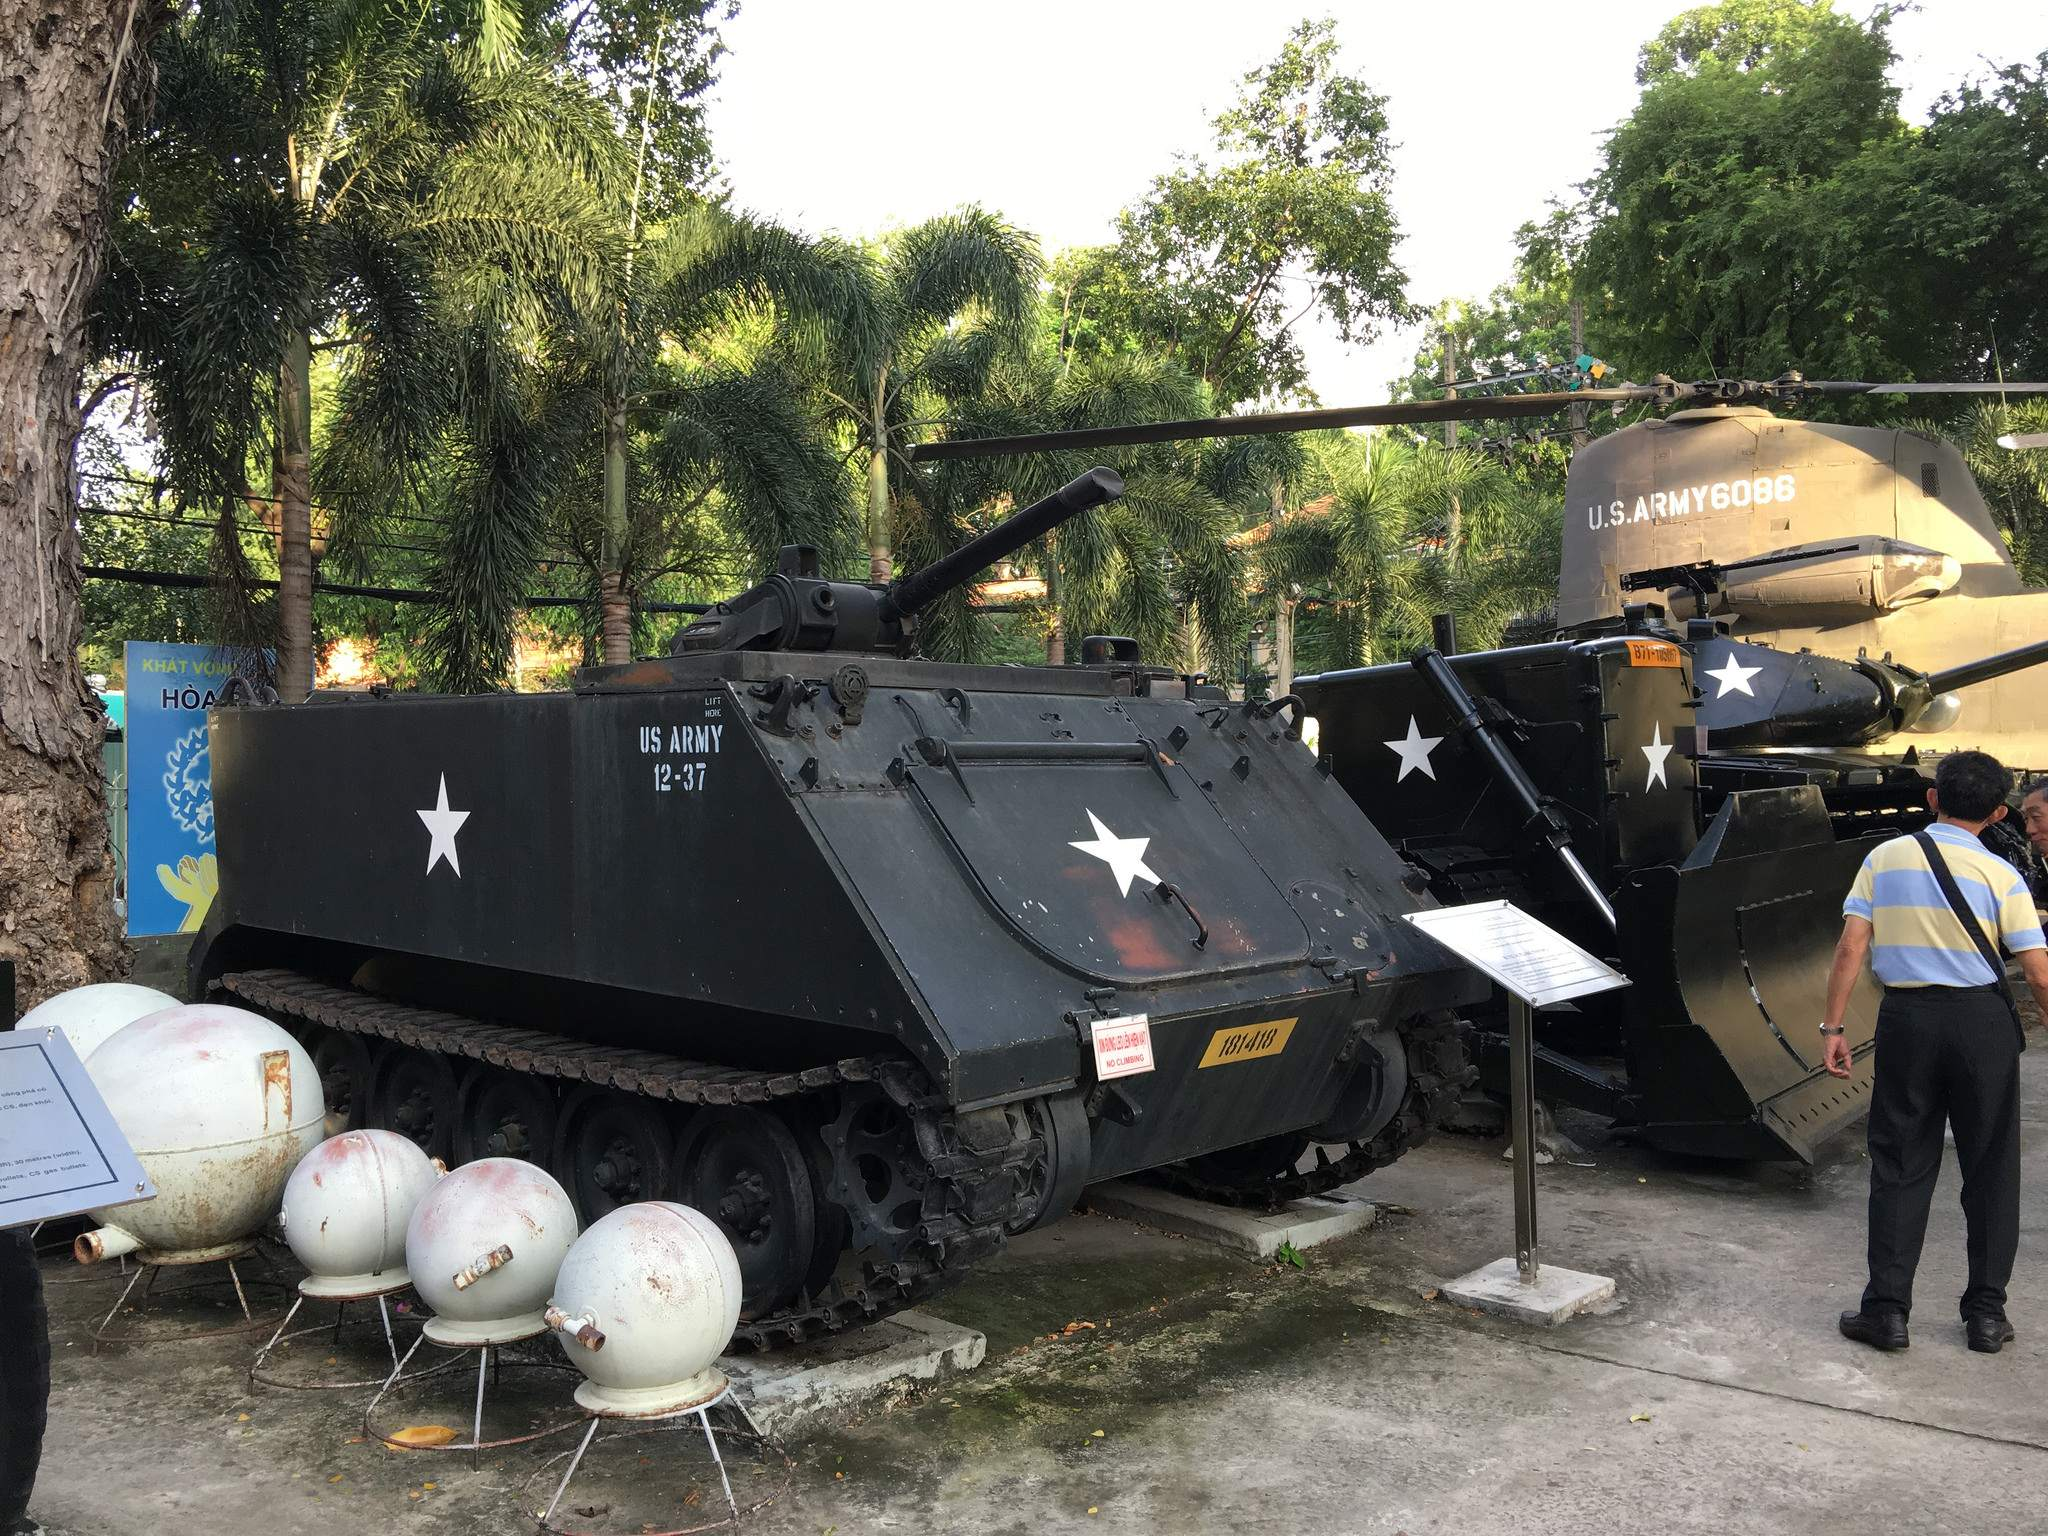 war remnants museum4 War Remnants Museum in Ho Chi Minh City, Vietnam